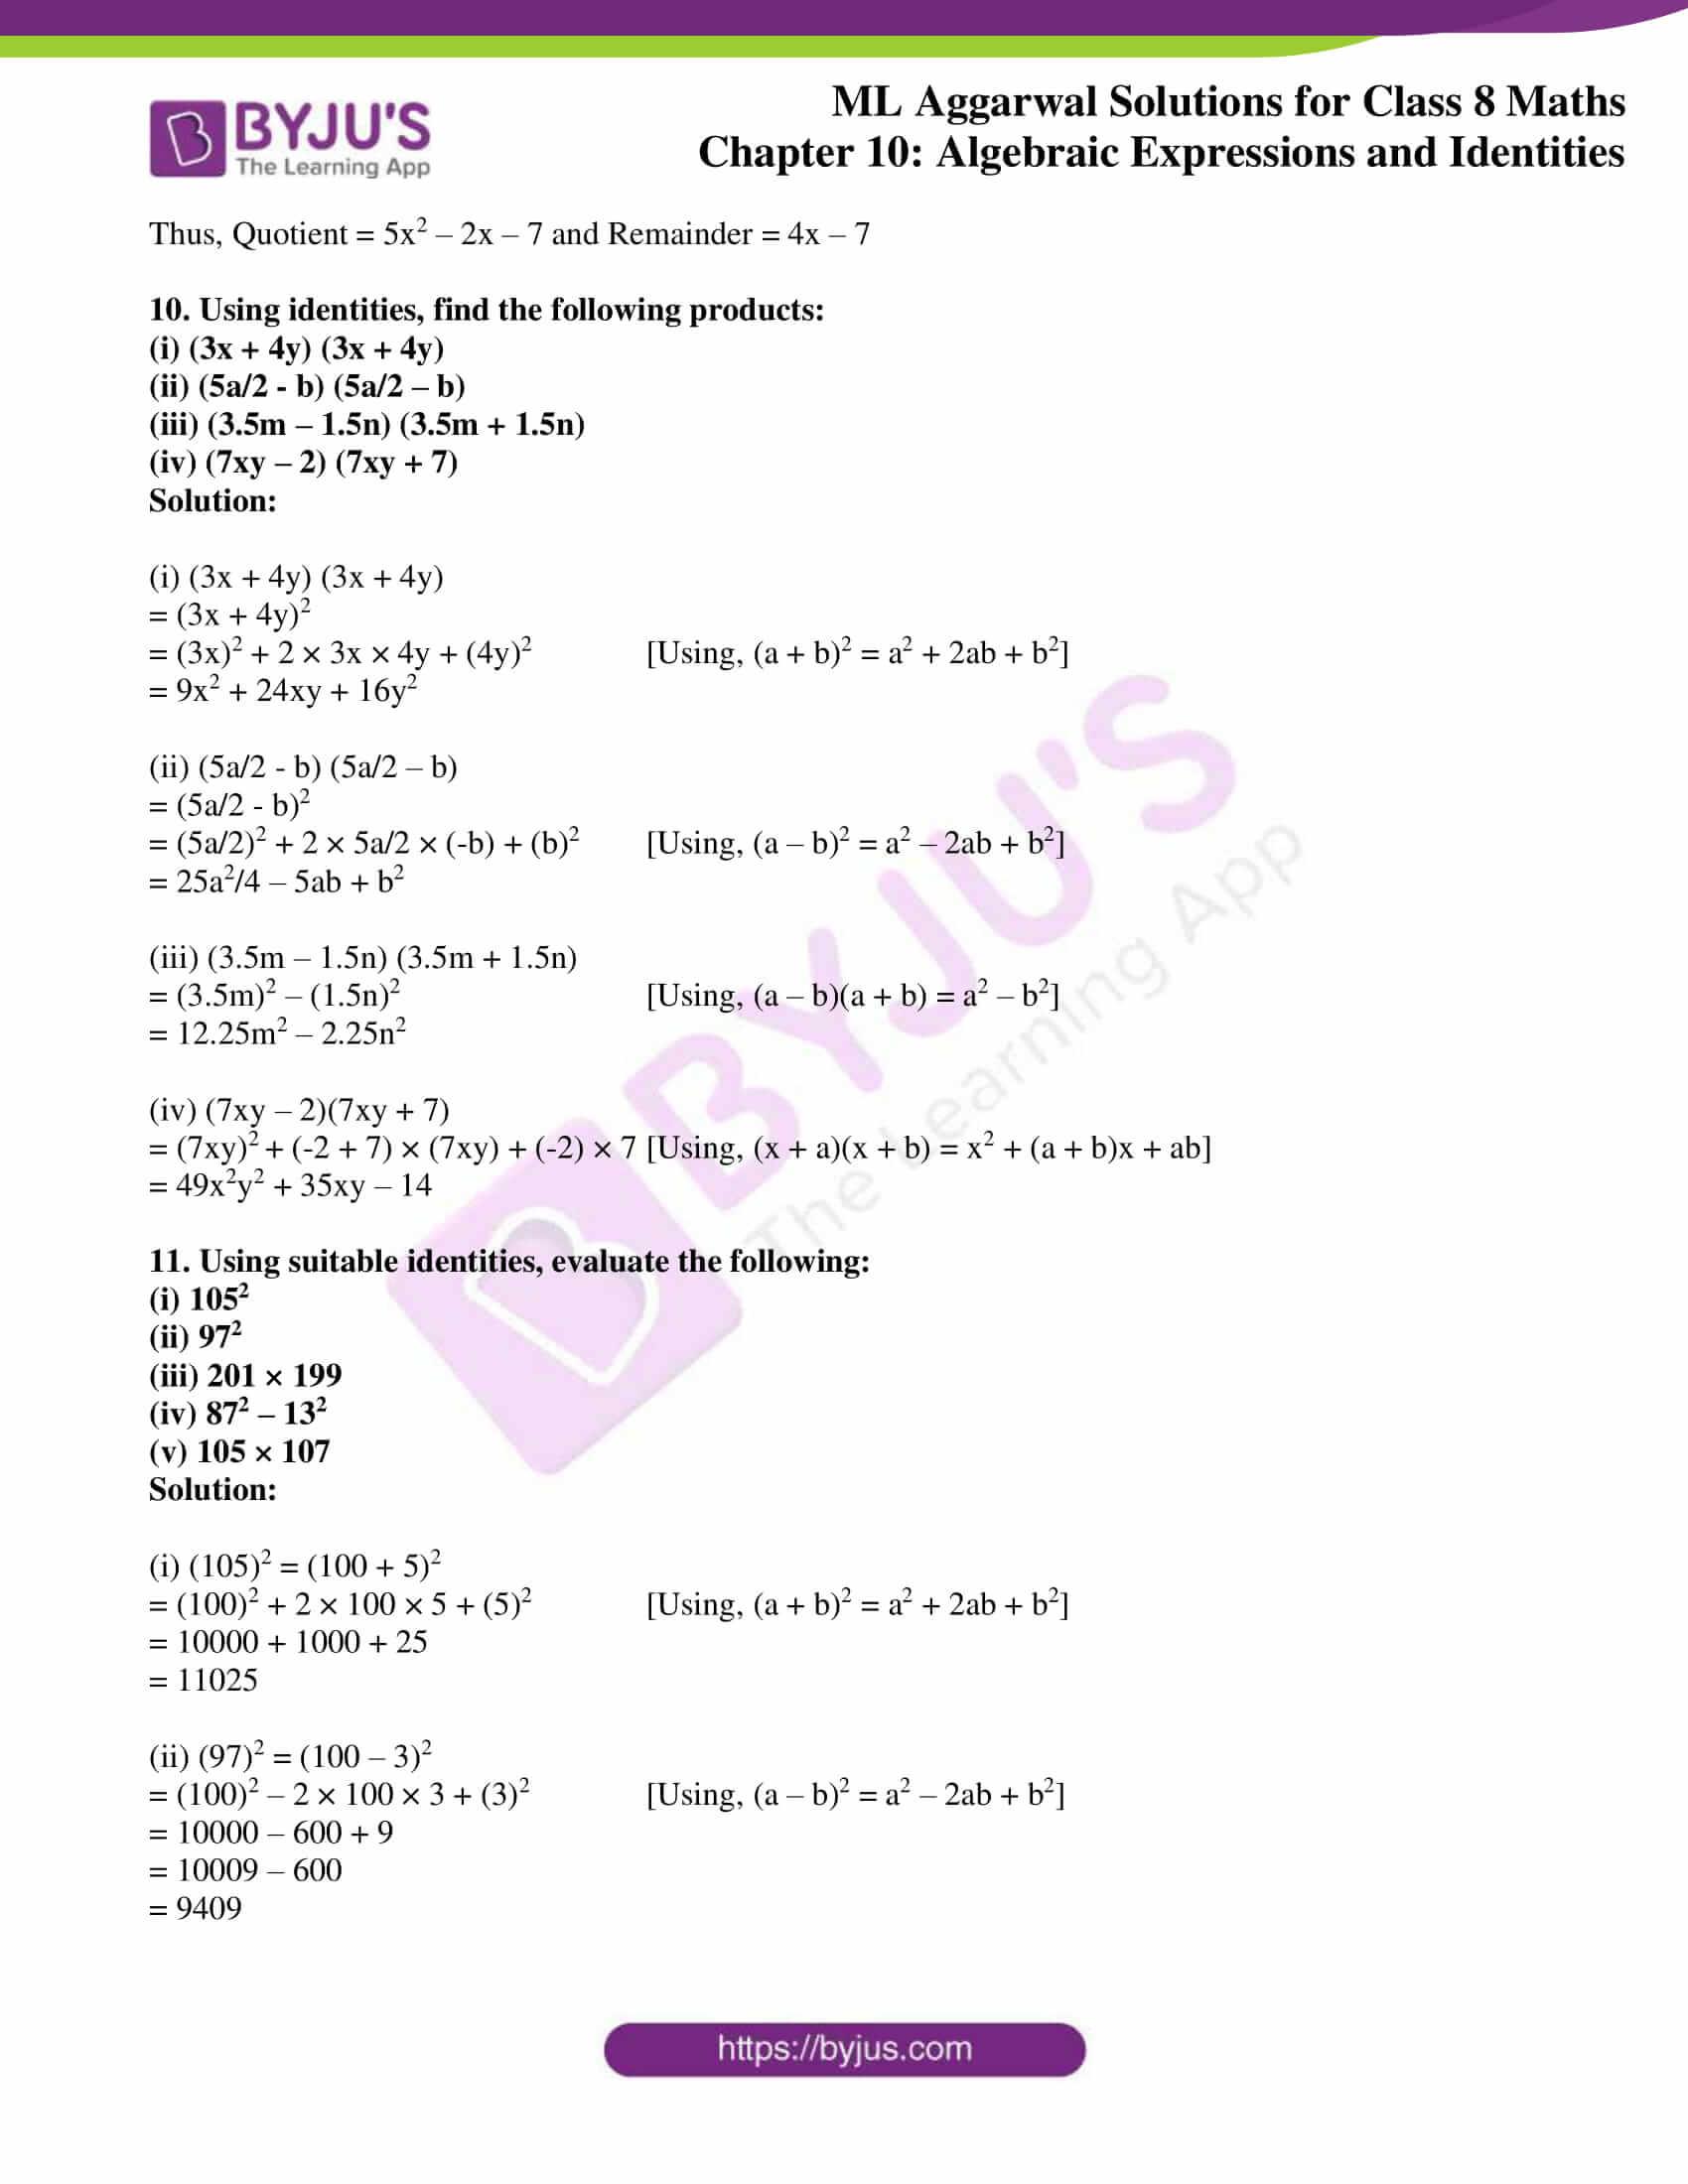 ml aggarwal sol mathematics class 8 ch 10 29